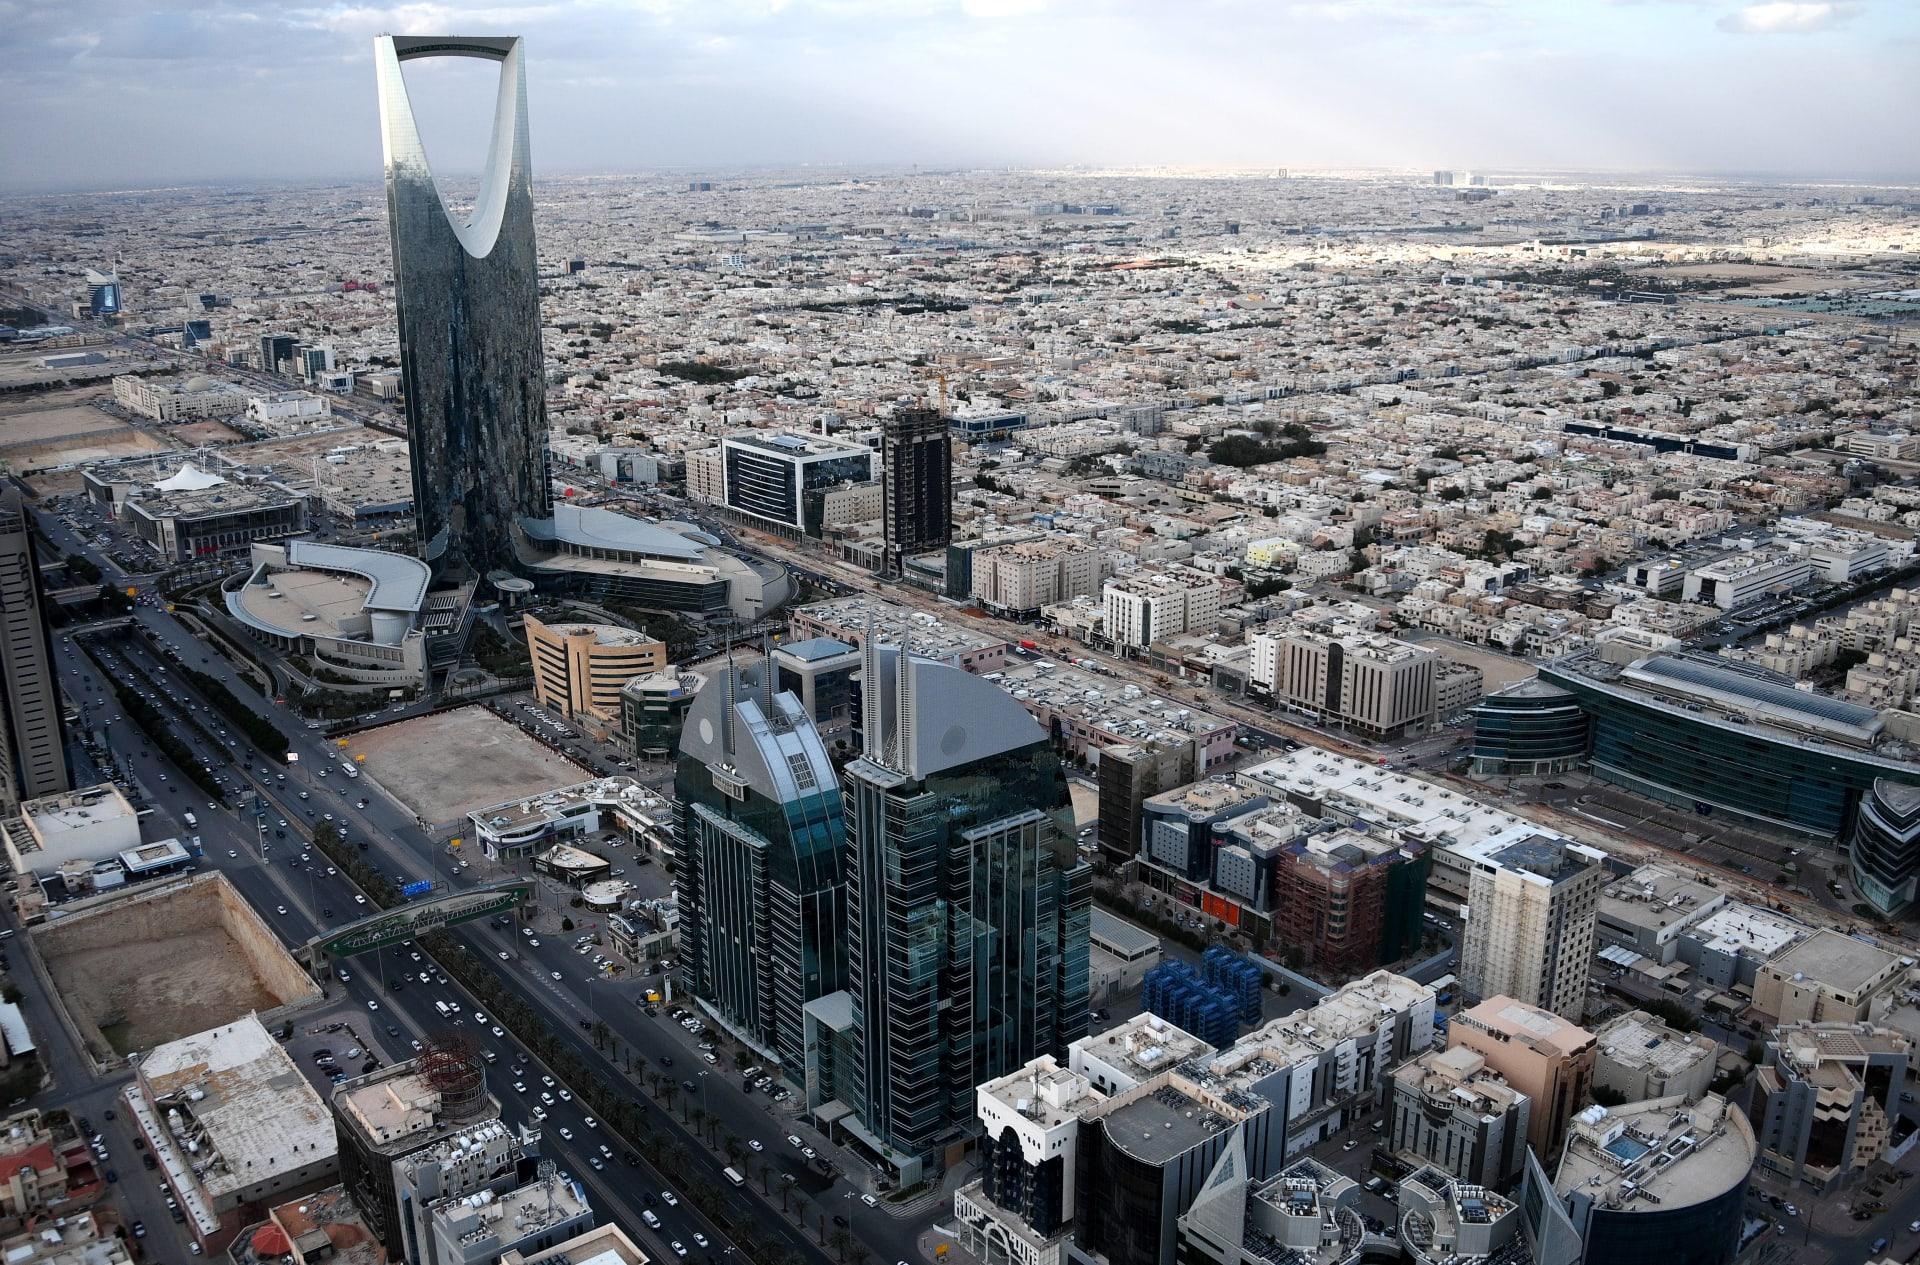 بعد تداول فيديو تحرش بالنساء.. شرطة الرياض تعلن القبض على مواطن وإحالته للنيابة